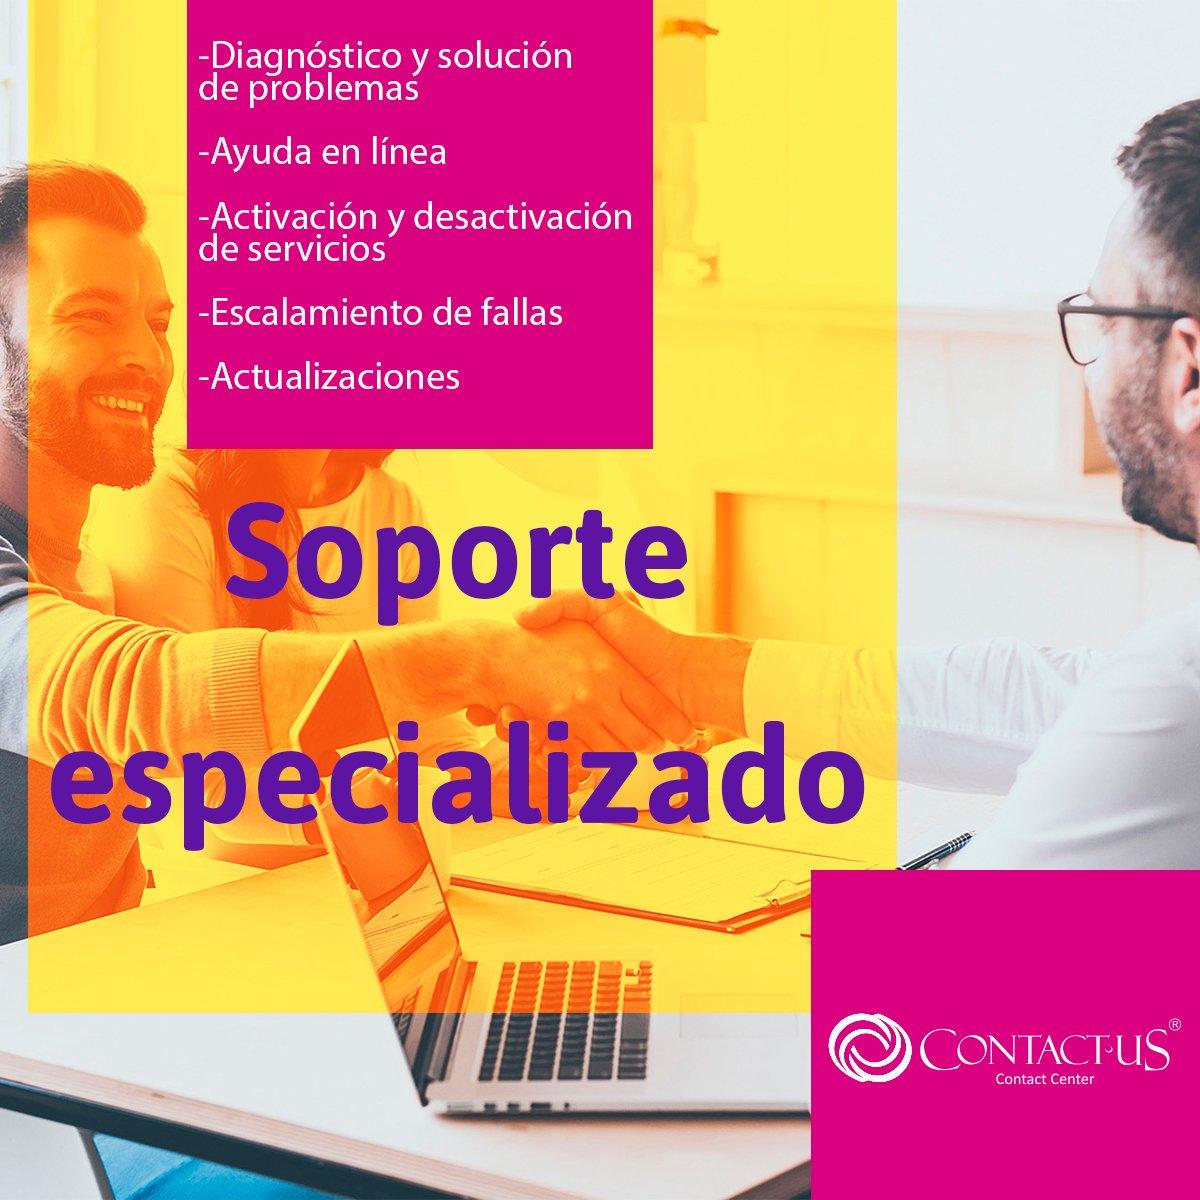 Reducimos el tiempo de atención desde el primer contacto hasta la resolución de incidencias, dudas, consultas y peticiones de sus clientes. #Puebla #AtenciónAClientes #Innovación